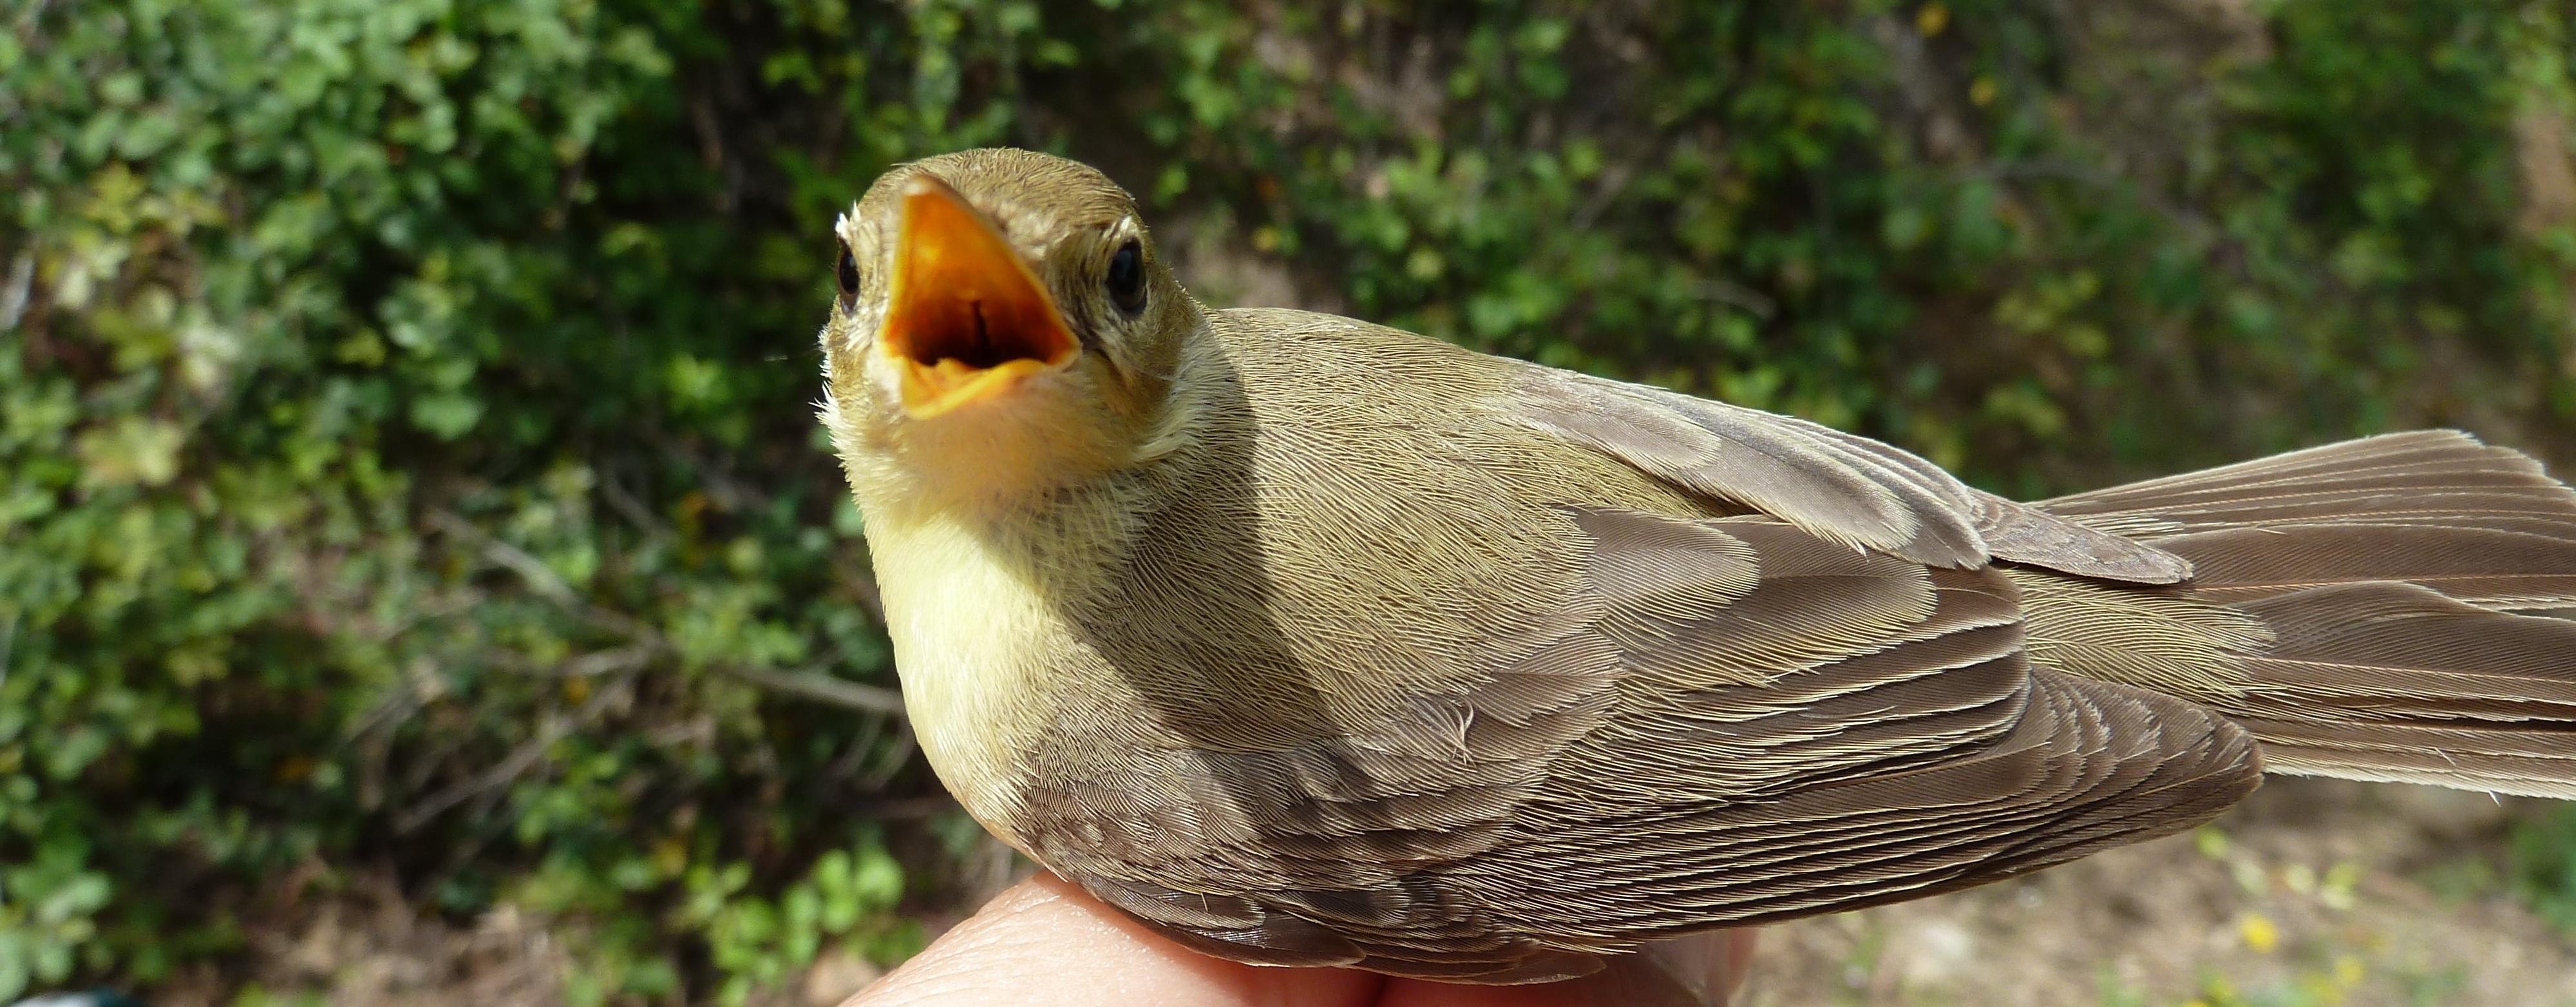 ornitologia malaga